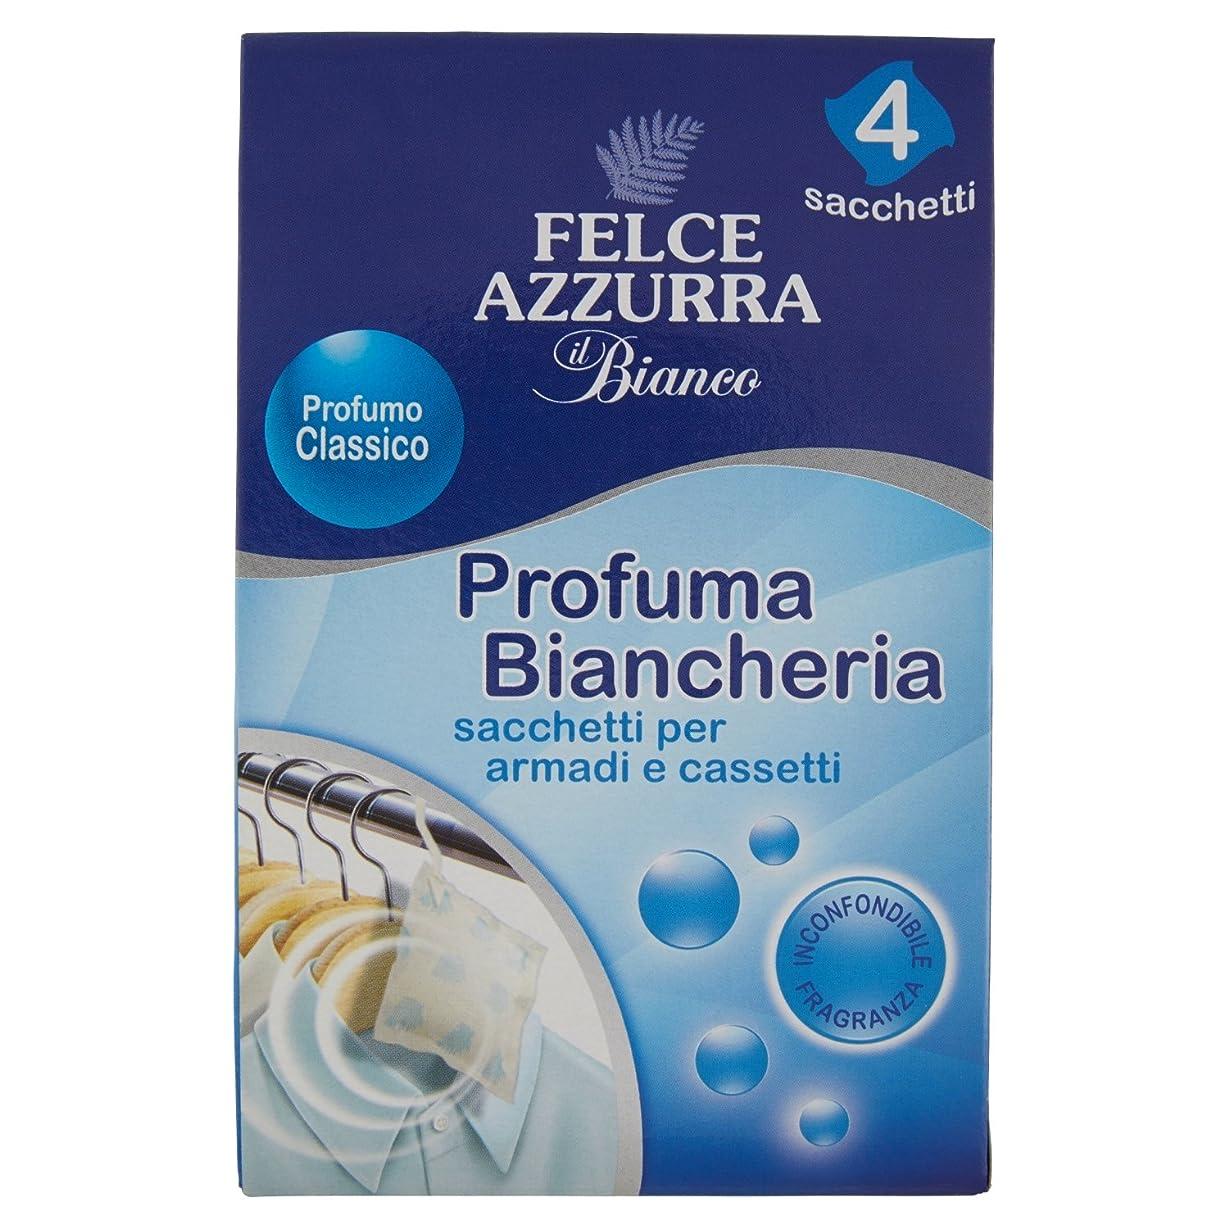 捧げるプロトタイプ不公平フェルチェアズーラ パフュームリネンサシェ クラシック 70g (芳香剤)